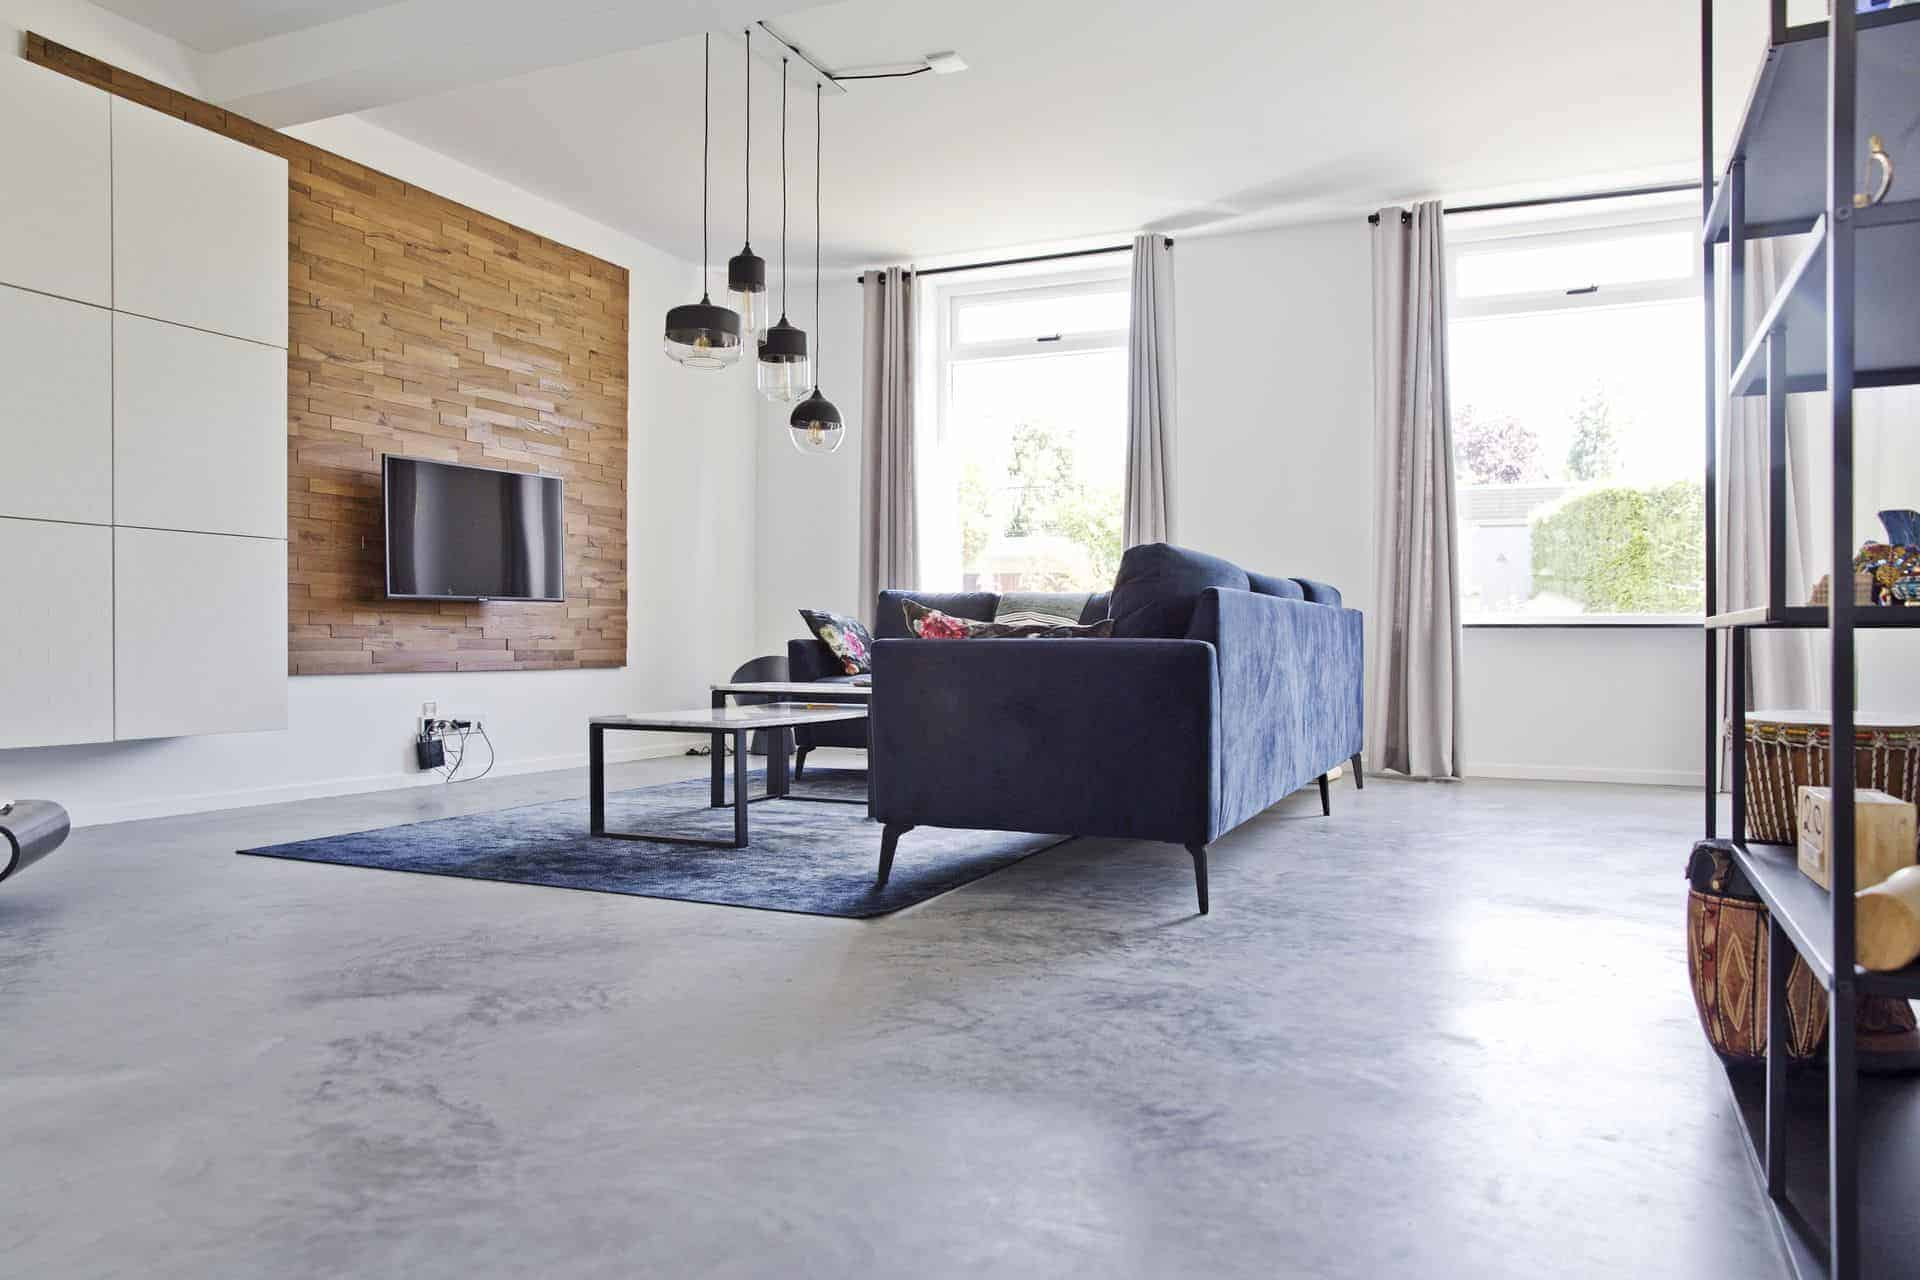 Gevlinderde betonvloer in de woonkamer, huiskamer met beton, beton in woonhuis, beton in huis, beton in woning, beton afbeeldingen